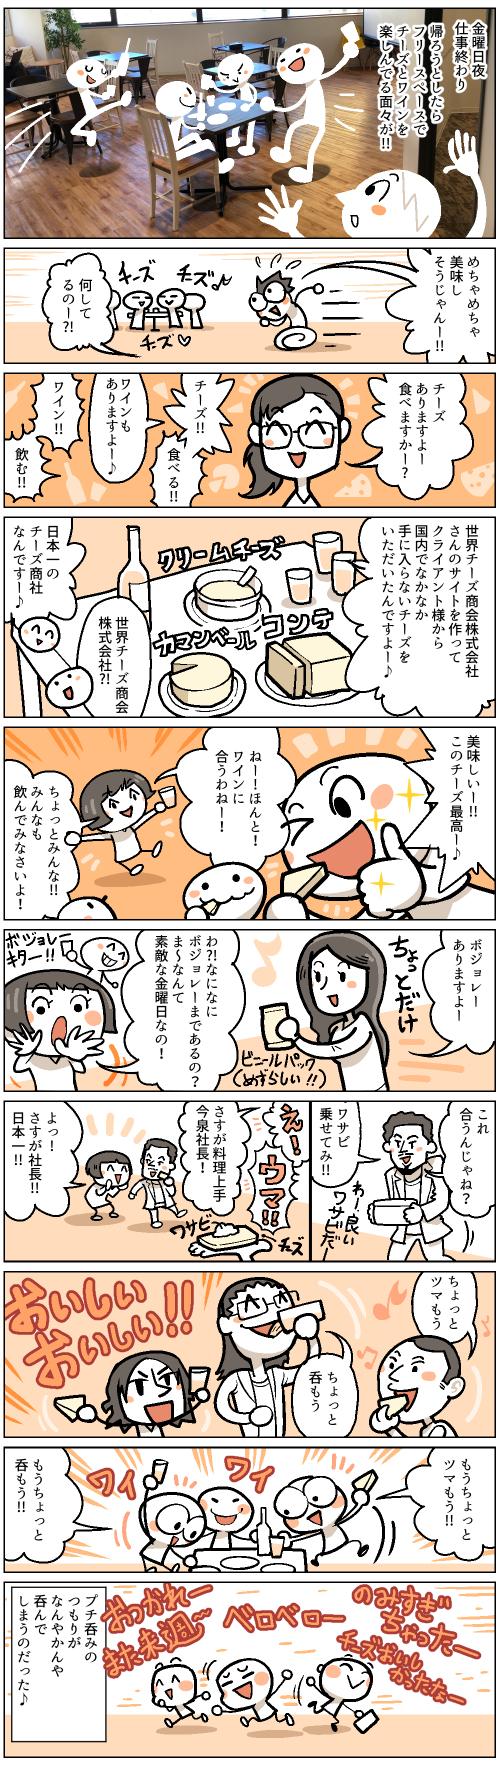 weekly_comic_13.jpg